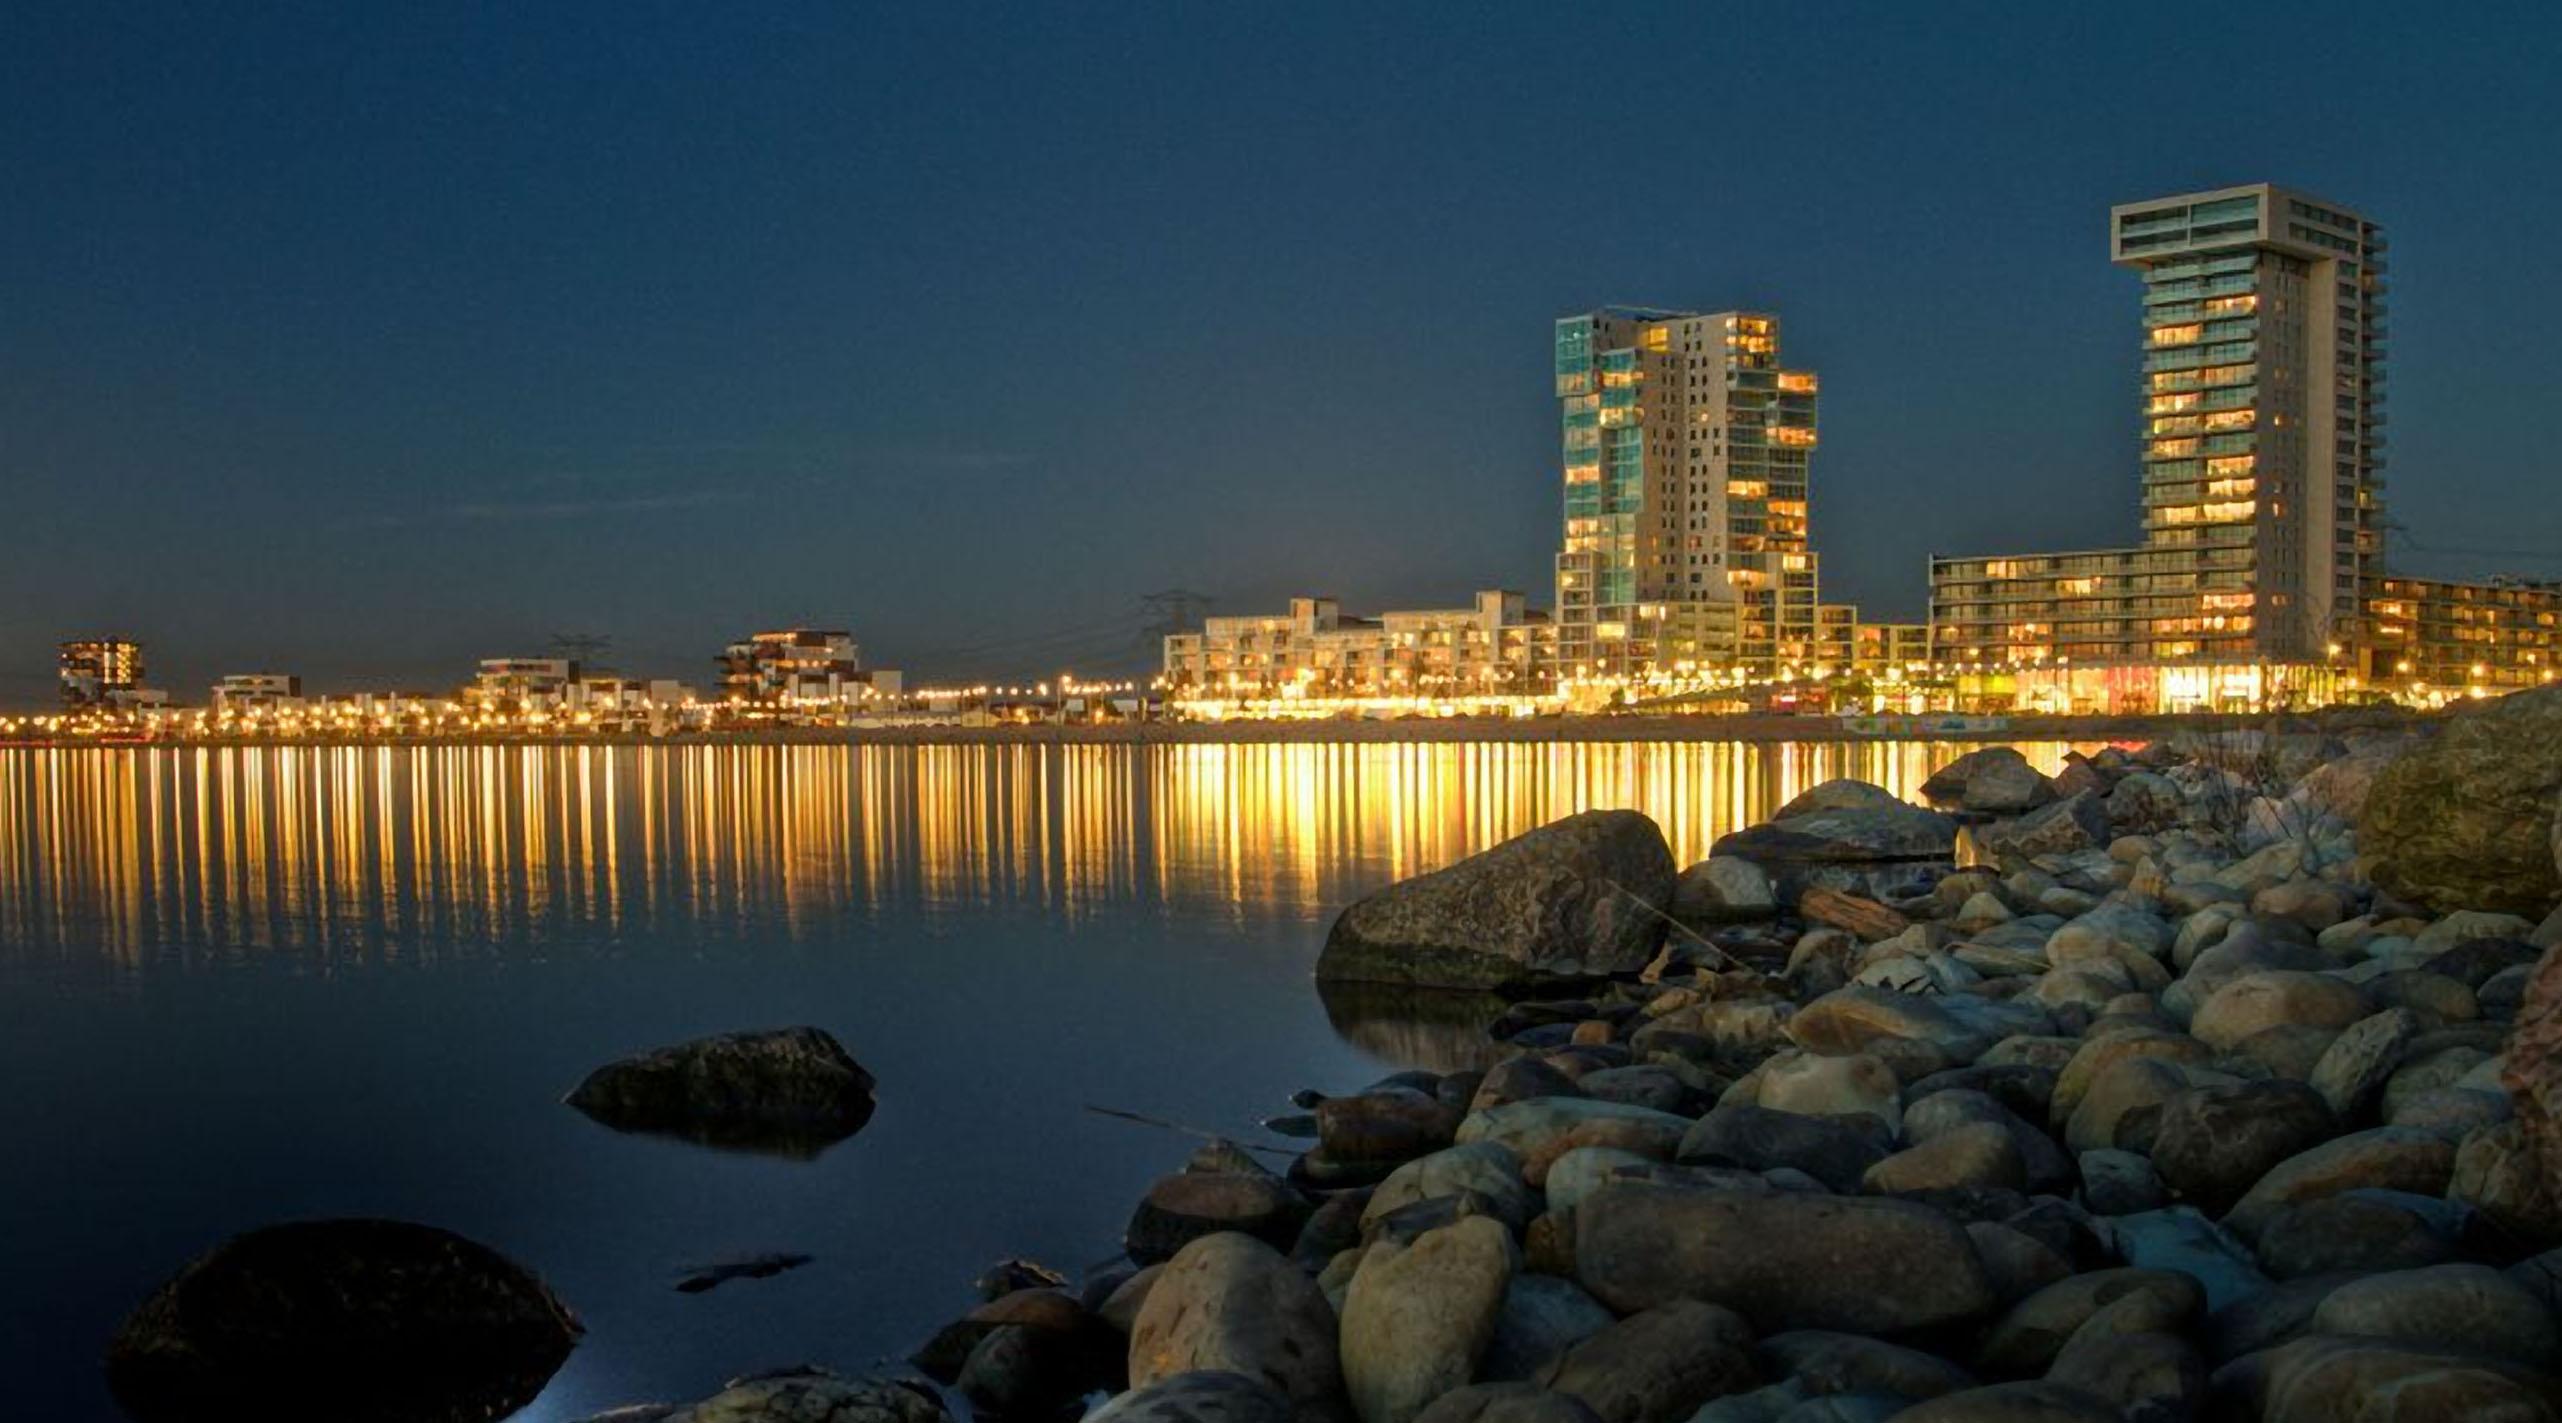 Nesselande-Rotterdam-NL-night